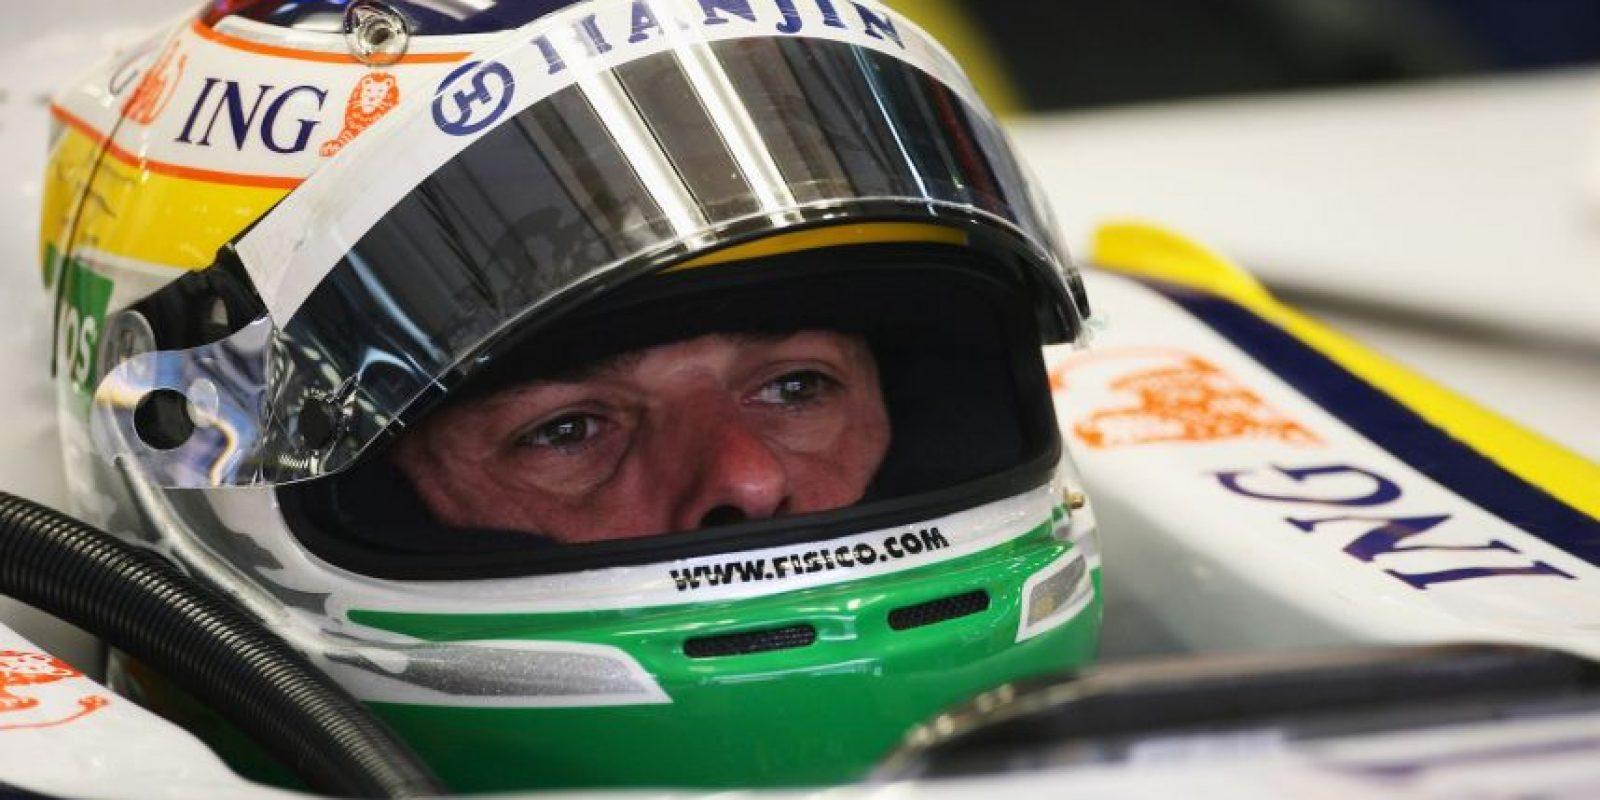 Corrió 52 carreras para Renault con 8 podios, 2 victorias y 151 puntos. Foto:Getty Images